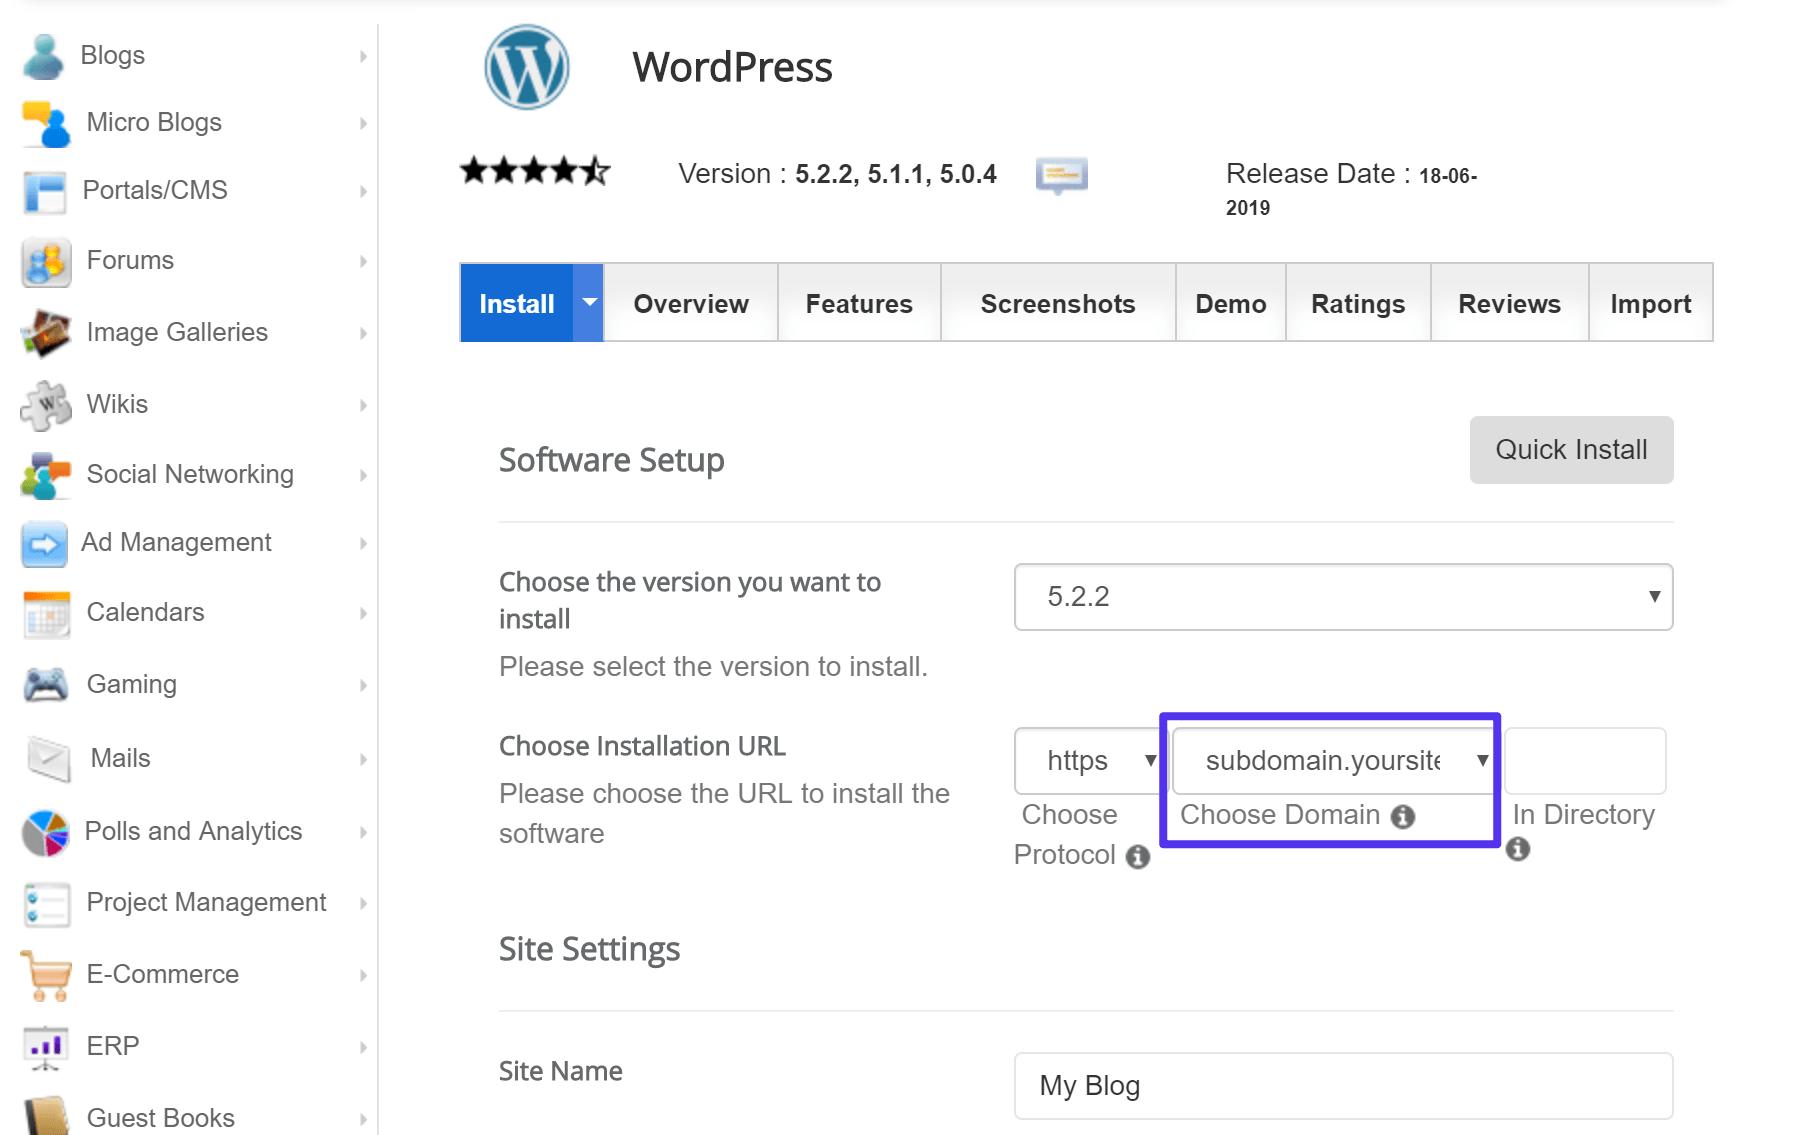 Come installare WordPress su un sottodominio con un autoinstaller